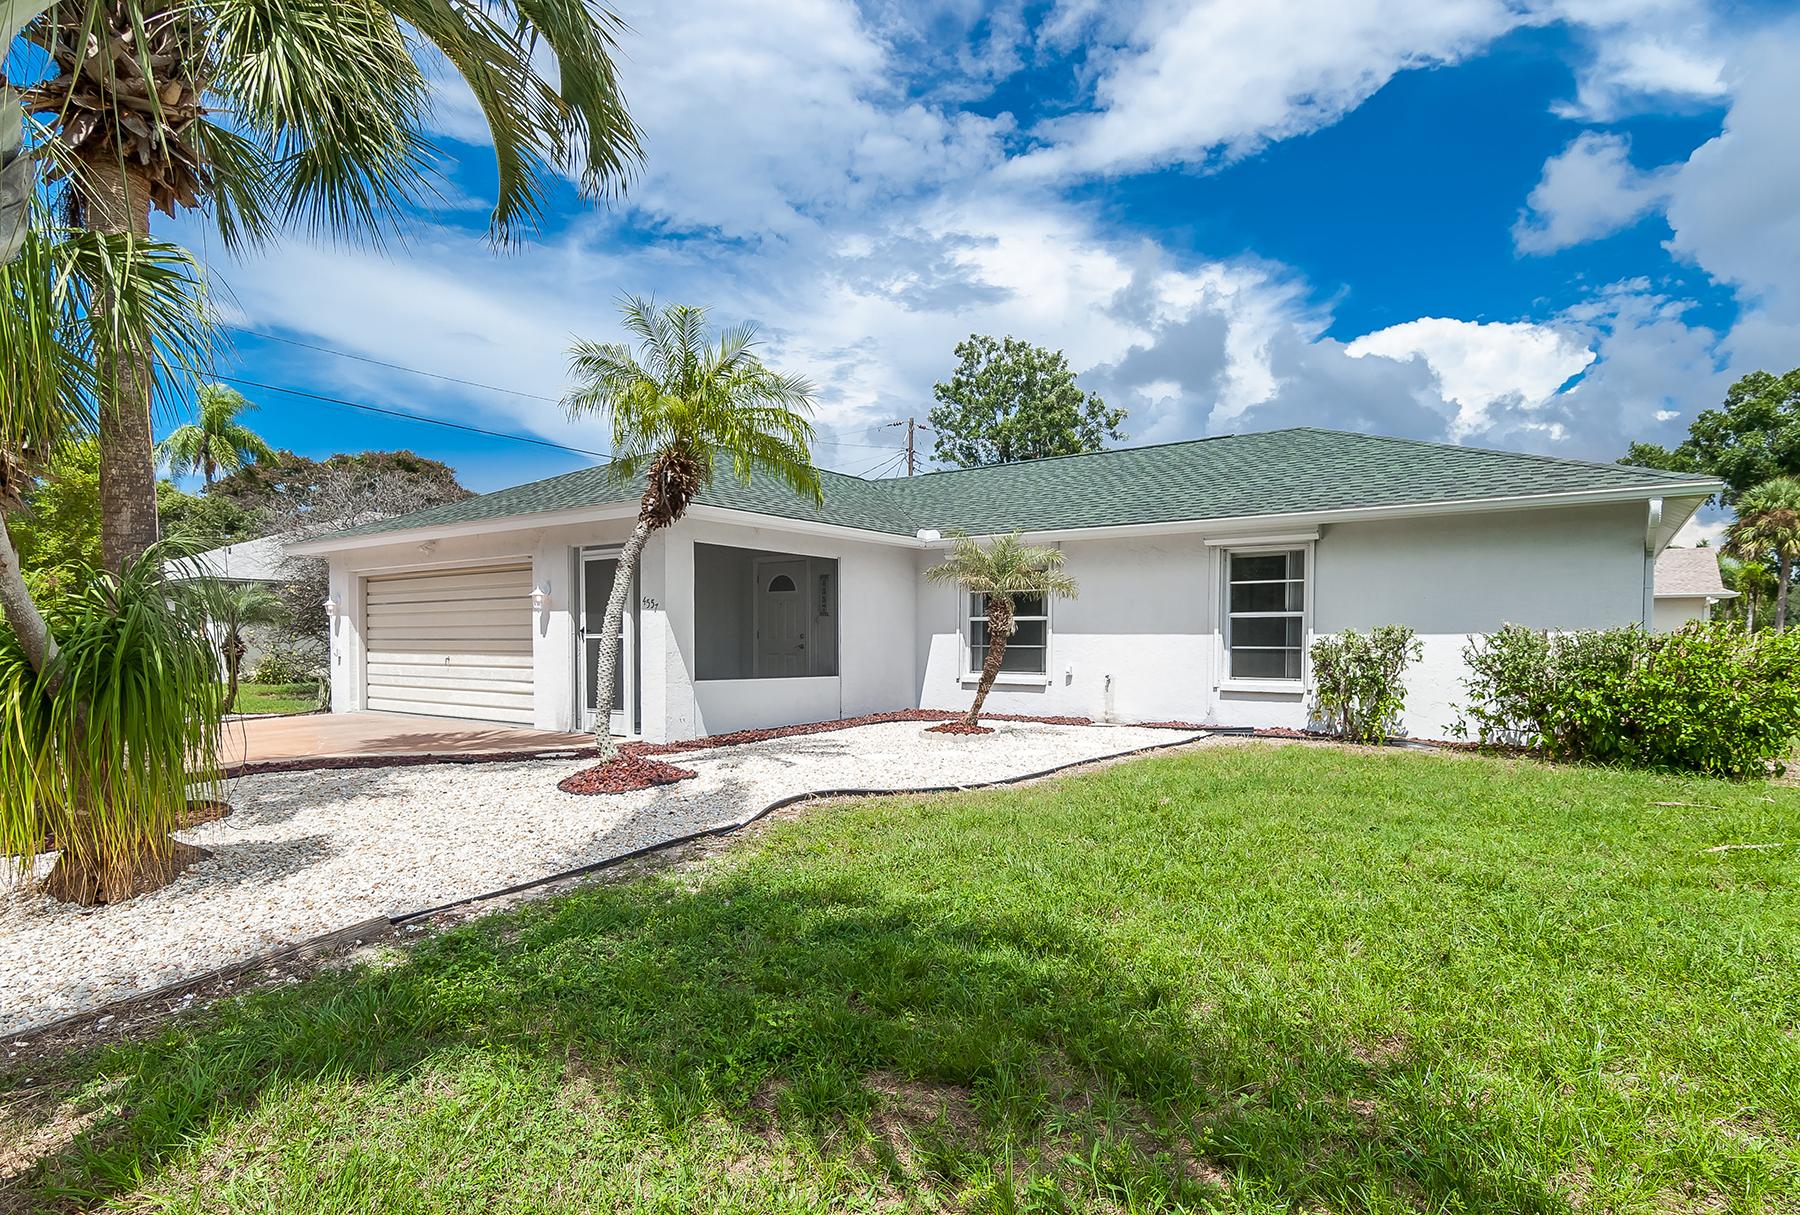 Einfamilienhaus für Verkauf beim SOUTH VENICE 4557 Pompano Rd Venice, Florida, 34293 Vereinigte Staaten